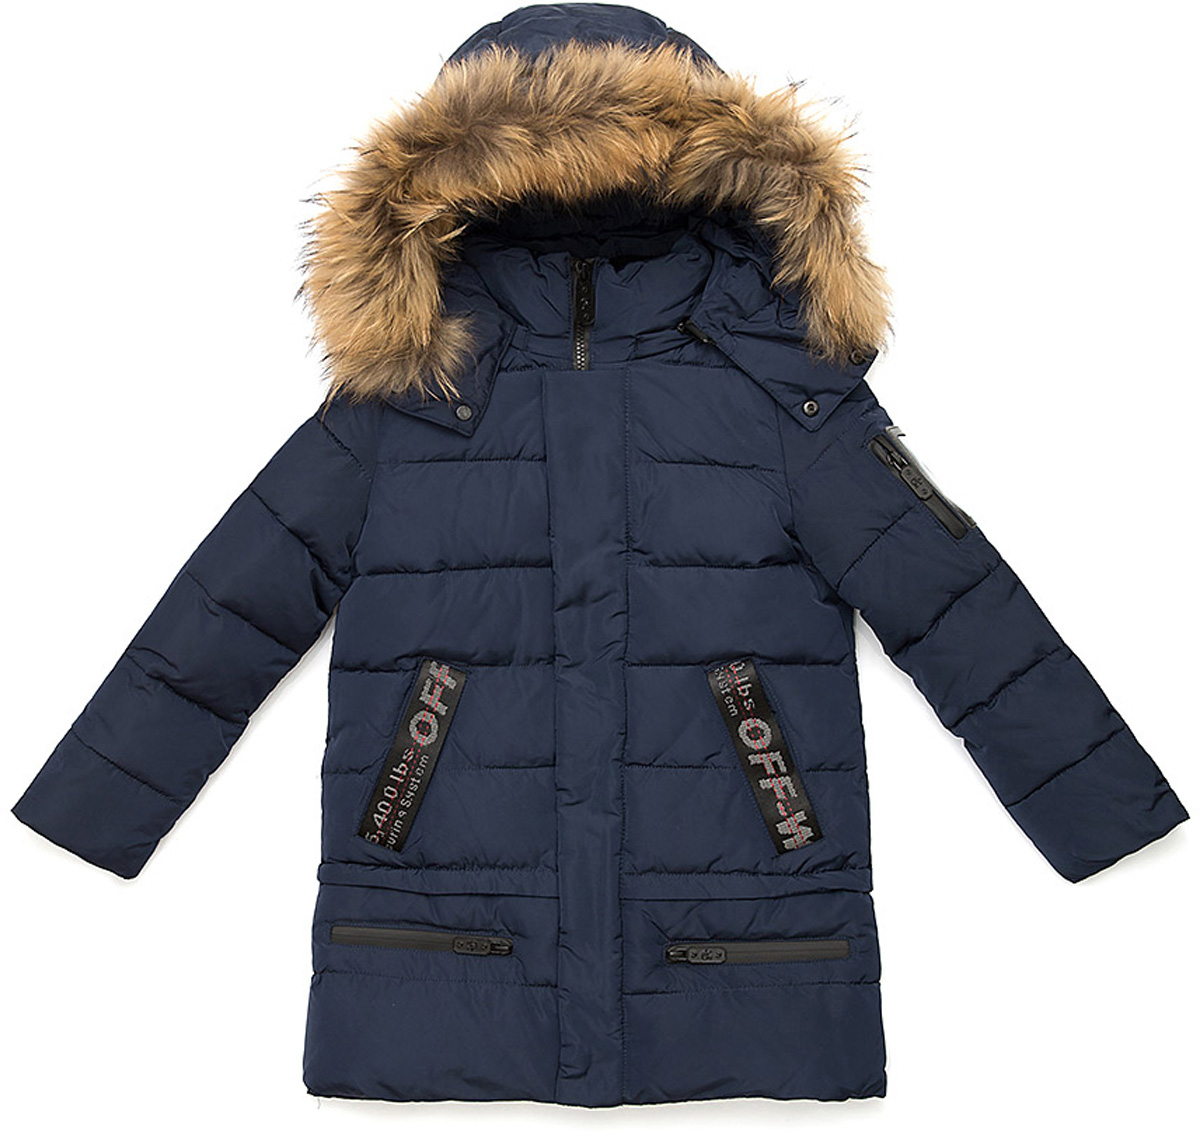 Куртка для мальчика Vitacci, цвет: синий. 1171477-04. Размер 1161171477-04Удлиненная куртка для мальчика Vitacci, изготовленная из полиэстера, станет стильнымдополнением к детскому гардеробу.Подкладка выполнена из полиэстера и дополнительно утеплена флисом по спинке. В качестве наполнителя используется биопух.Модель застегивается на застежку-молнию. Имеет съемный капюшон с отделкой из натурального меха и ветрозащитную планку. Куртка оформлена декоративными элементами на рукавах и карманах.Температурный режим от -10°С до -25°С.Теплая, удобная и практичная куртка идеально подойдет юному моднику для прогулок!